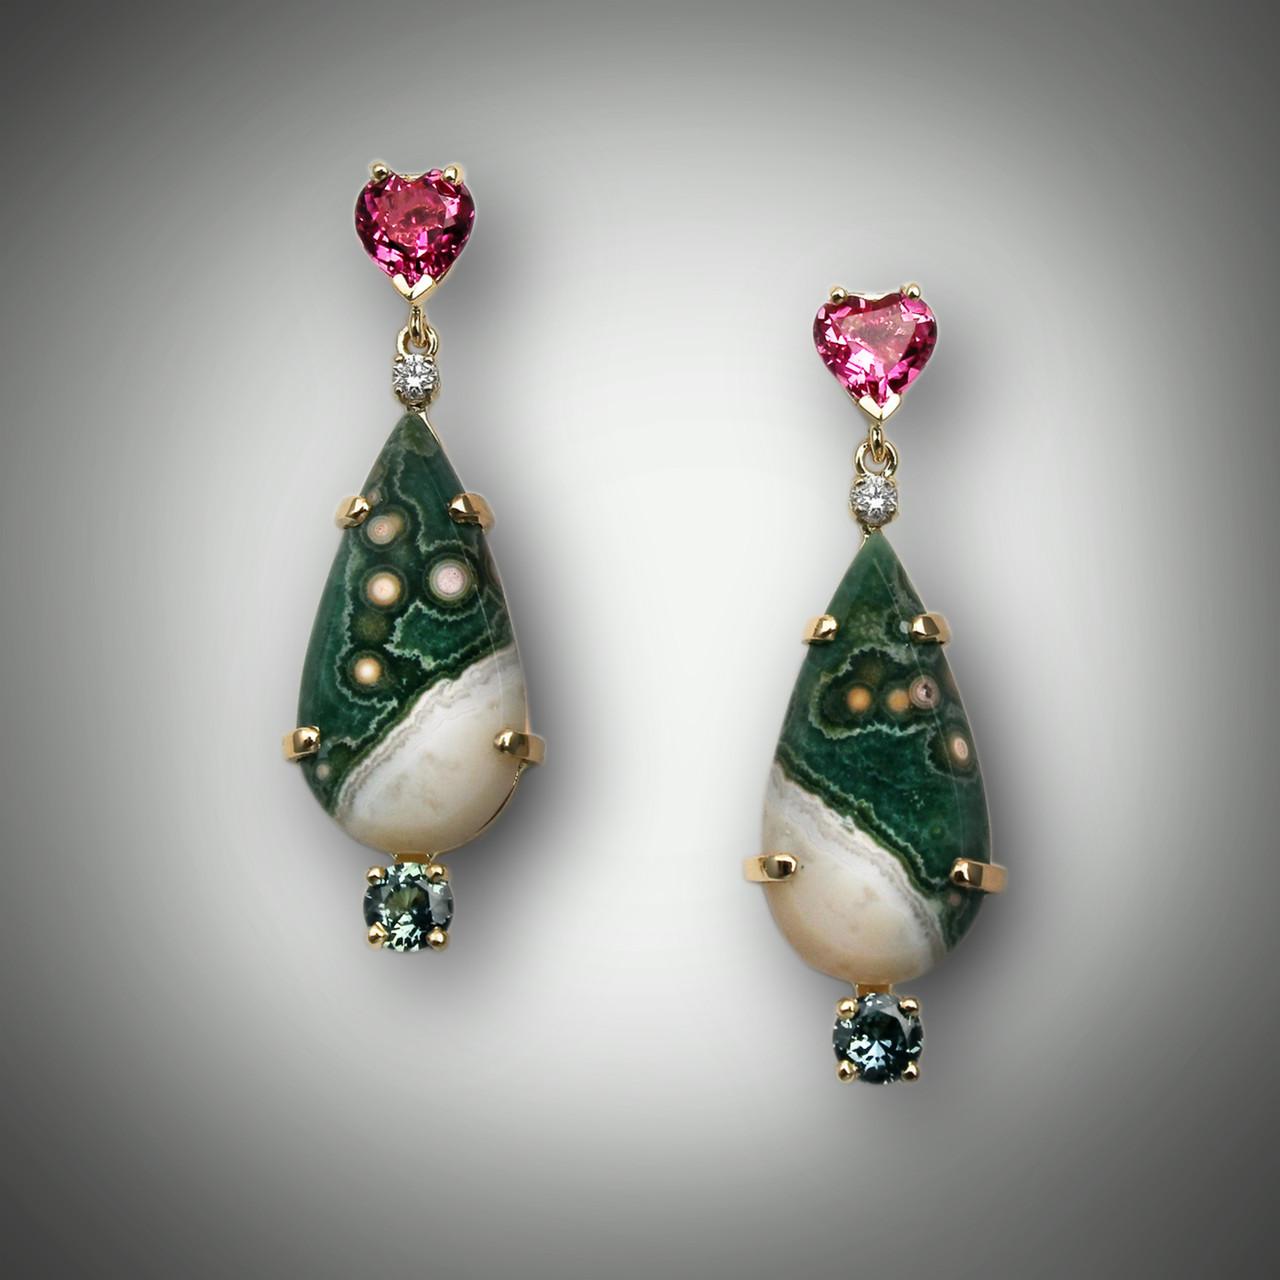 Gemstone Earrings Tourmaline and Picture Jasper Earrings